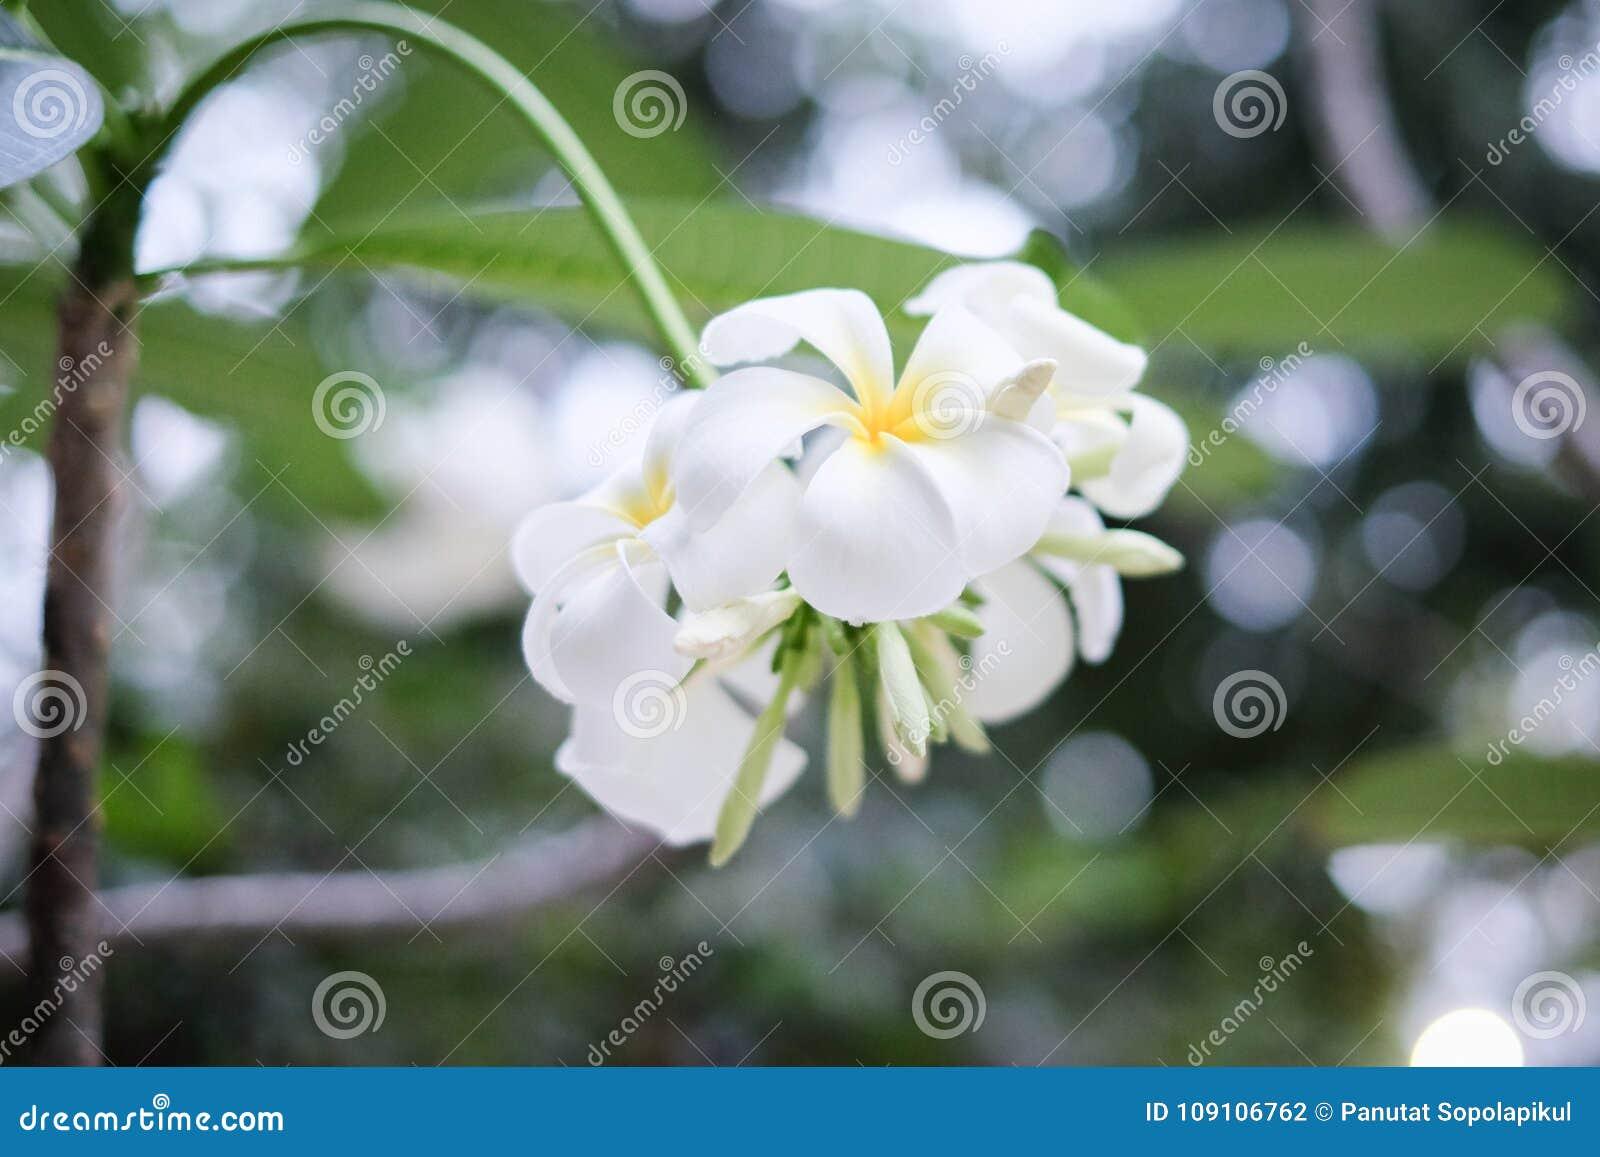 White plumeria on tree stock photo image of foliage 109106762 four white plumeria on tree bottom view and bokeh mightylinksfo